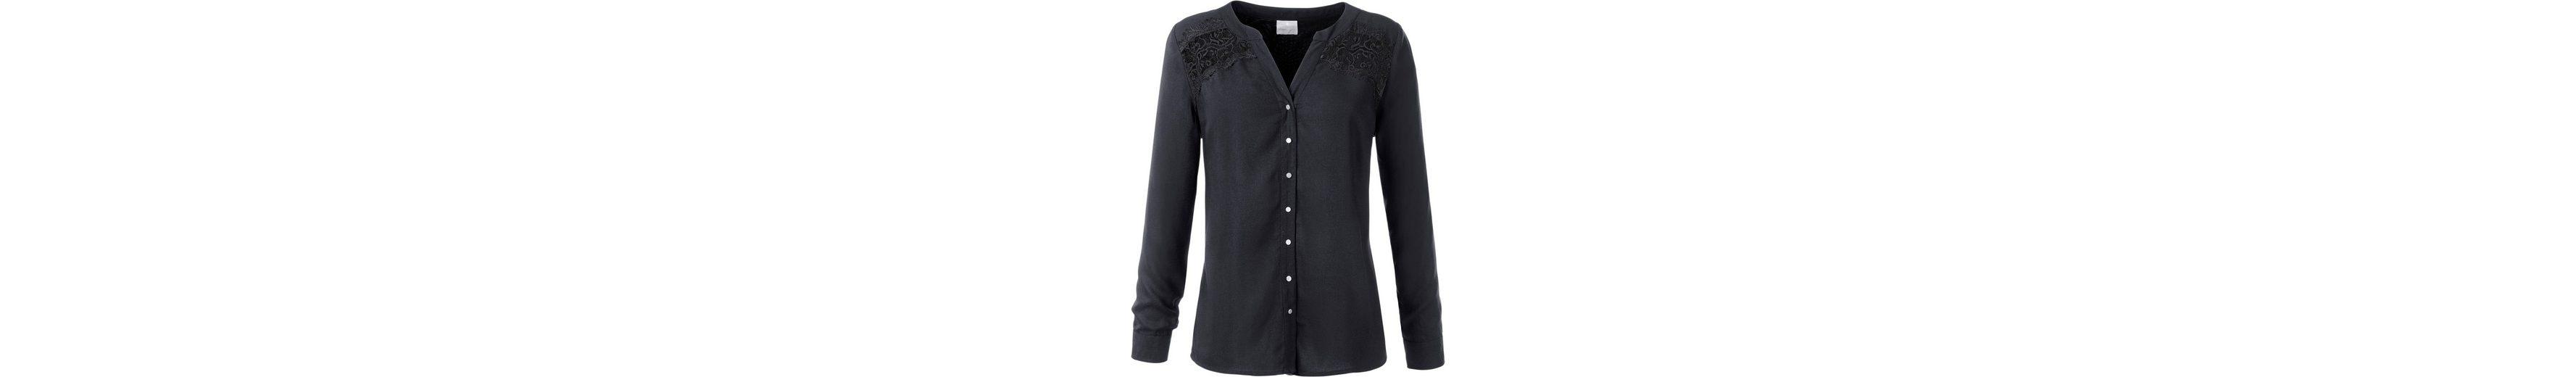 Freies Verschiffen Gutes Verkauf Auslass Fair Lady Bluse mit raffinierten Spitzeneinsätzen Spielraum Niedrigsten Preis  Wo Sie Finden Können VgNgSxZu